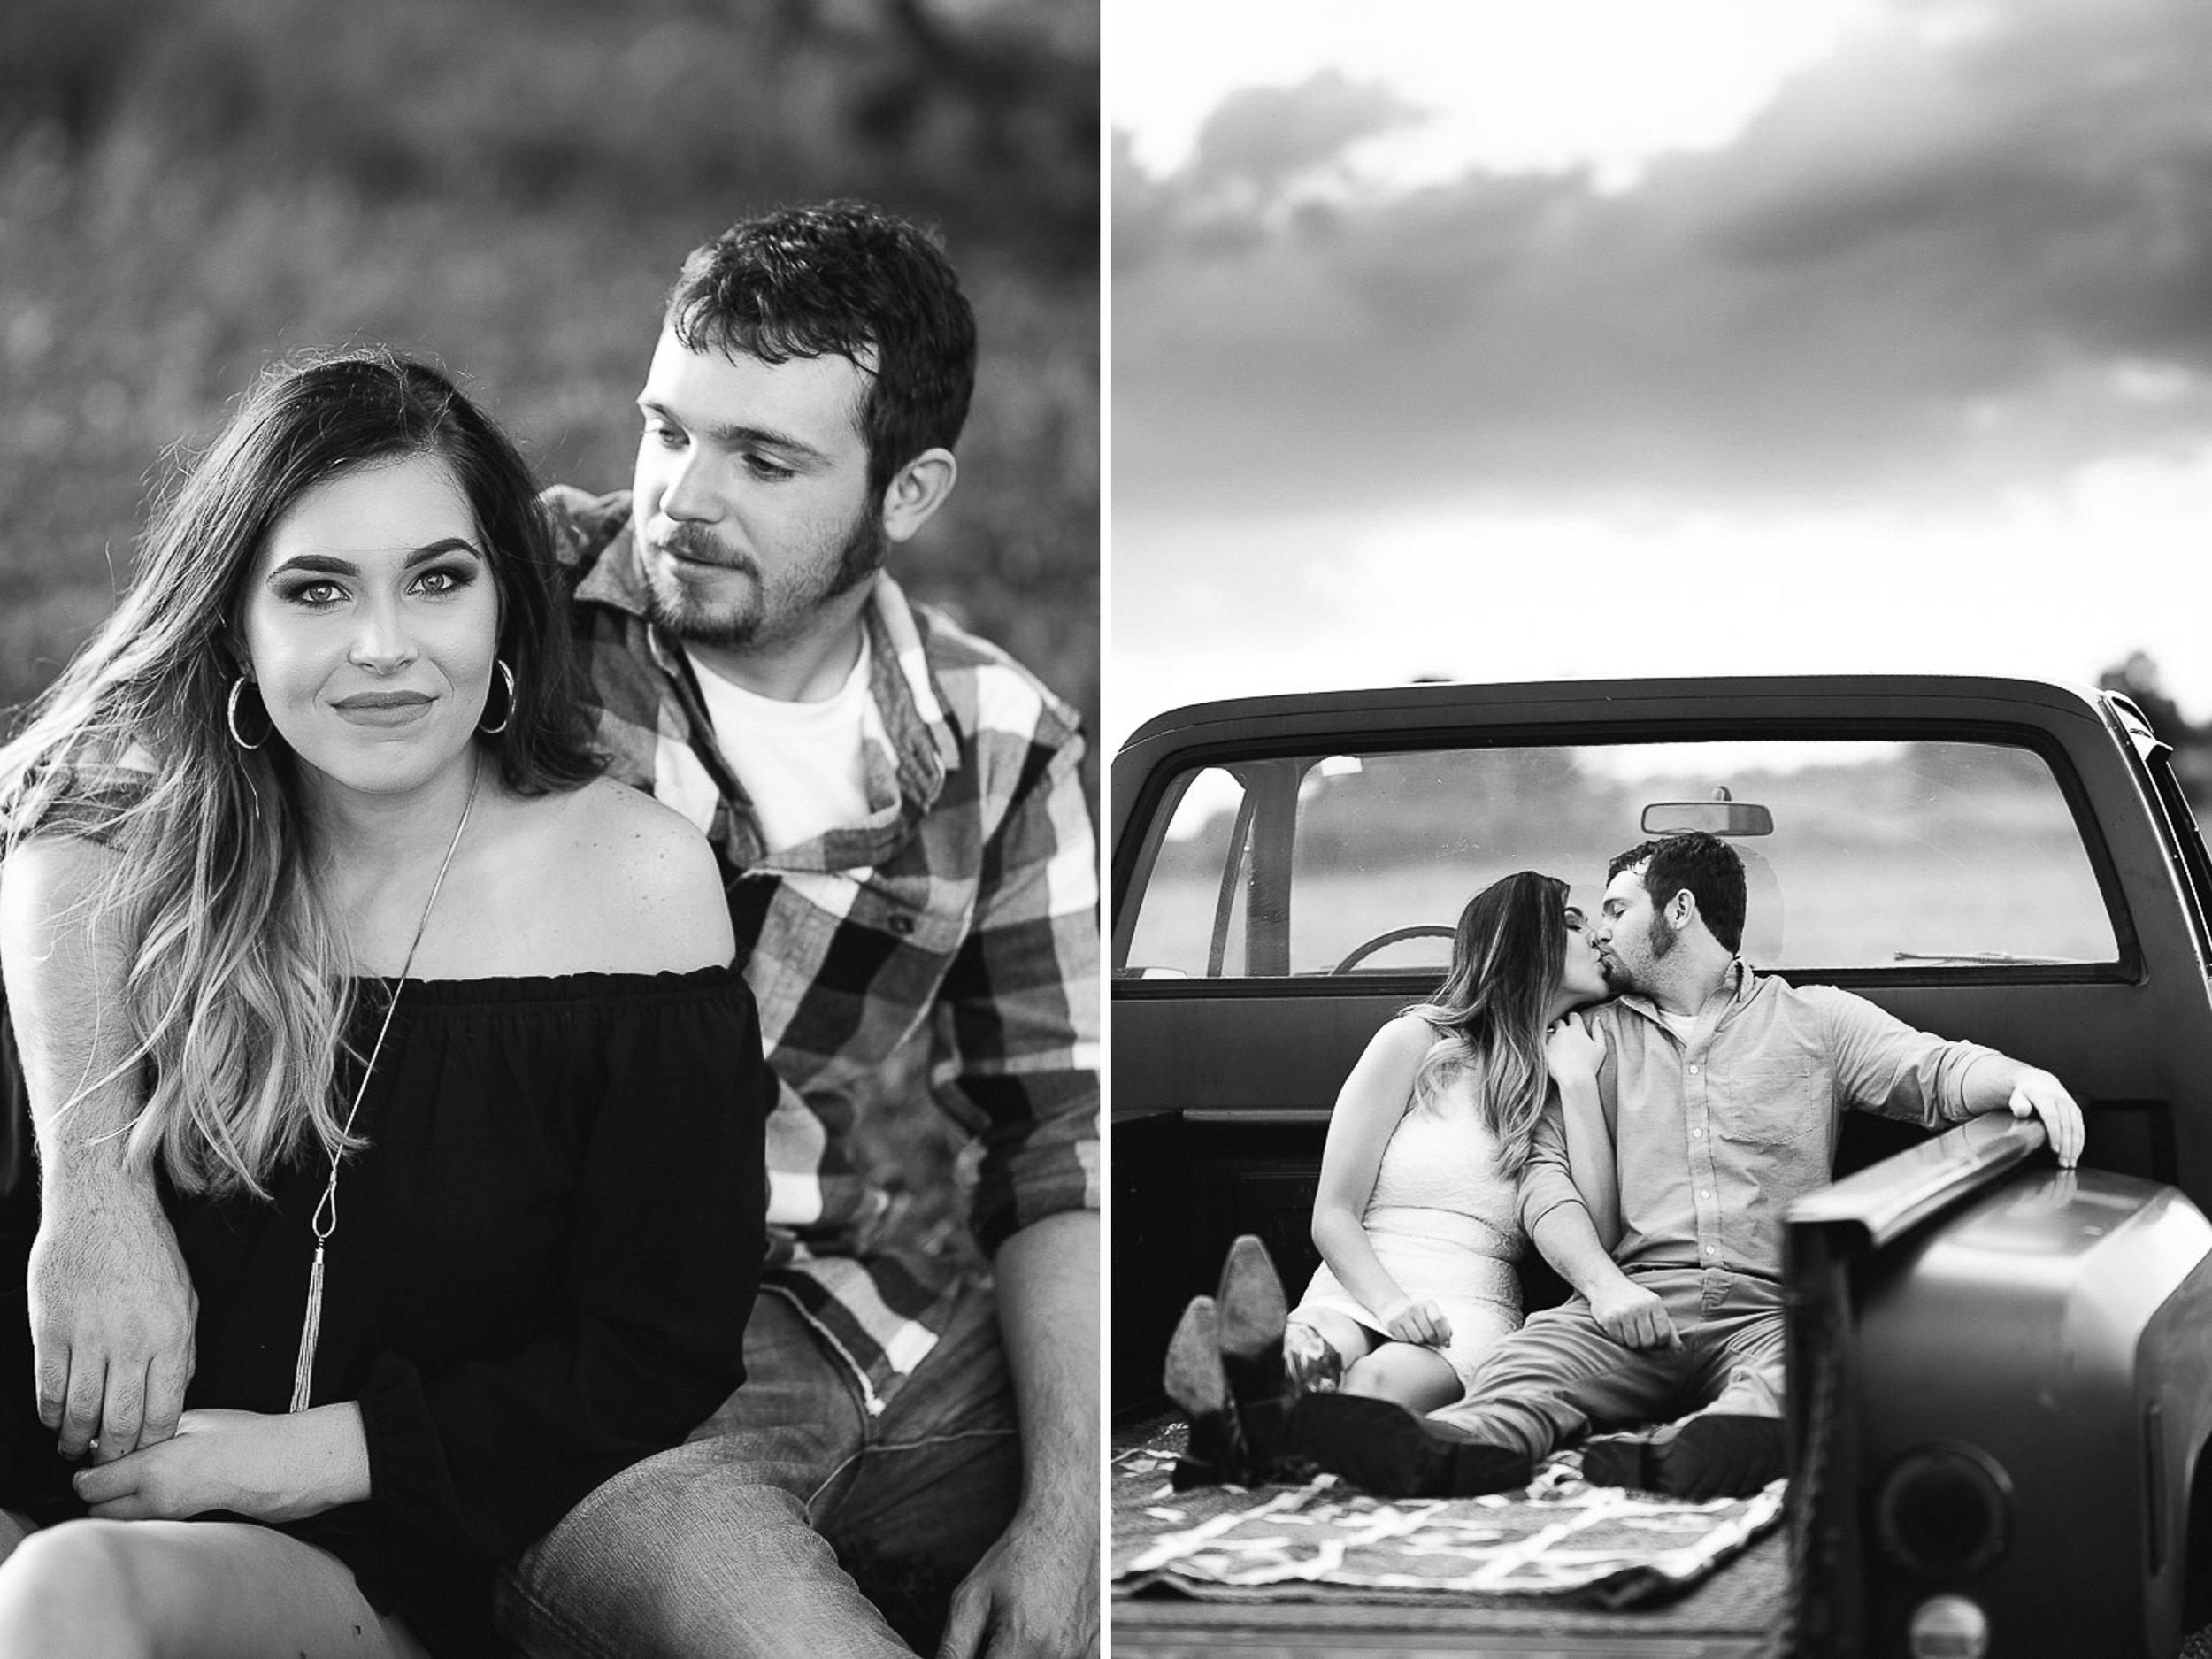 Field Engagement Portraits, Truck, Sunset, Dancing, 09.jpg